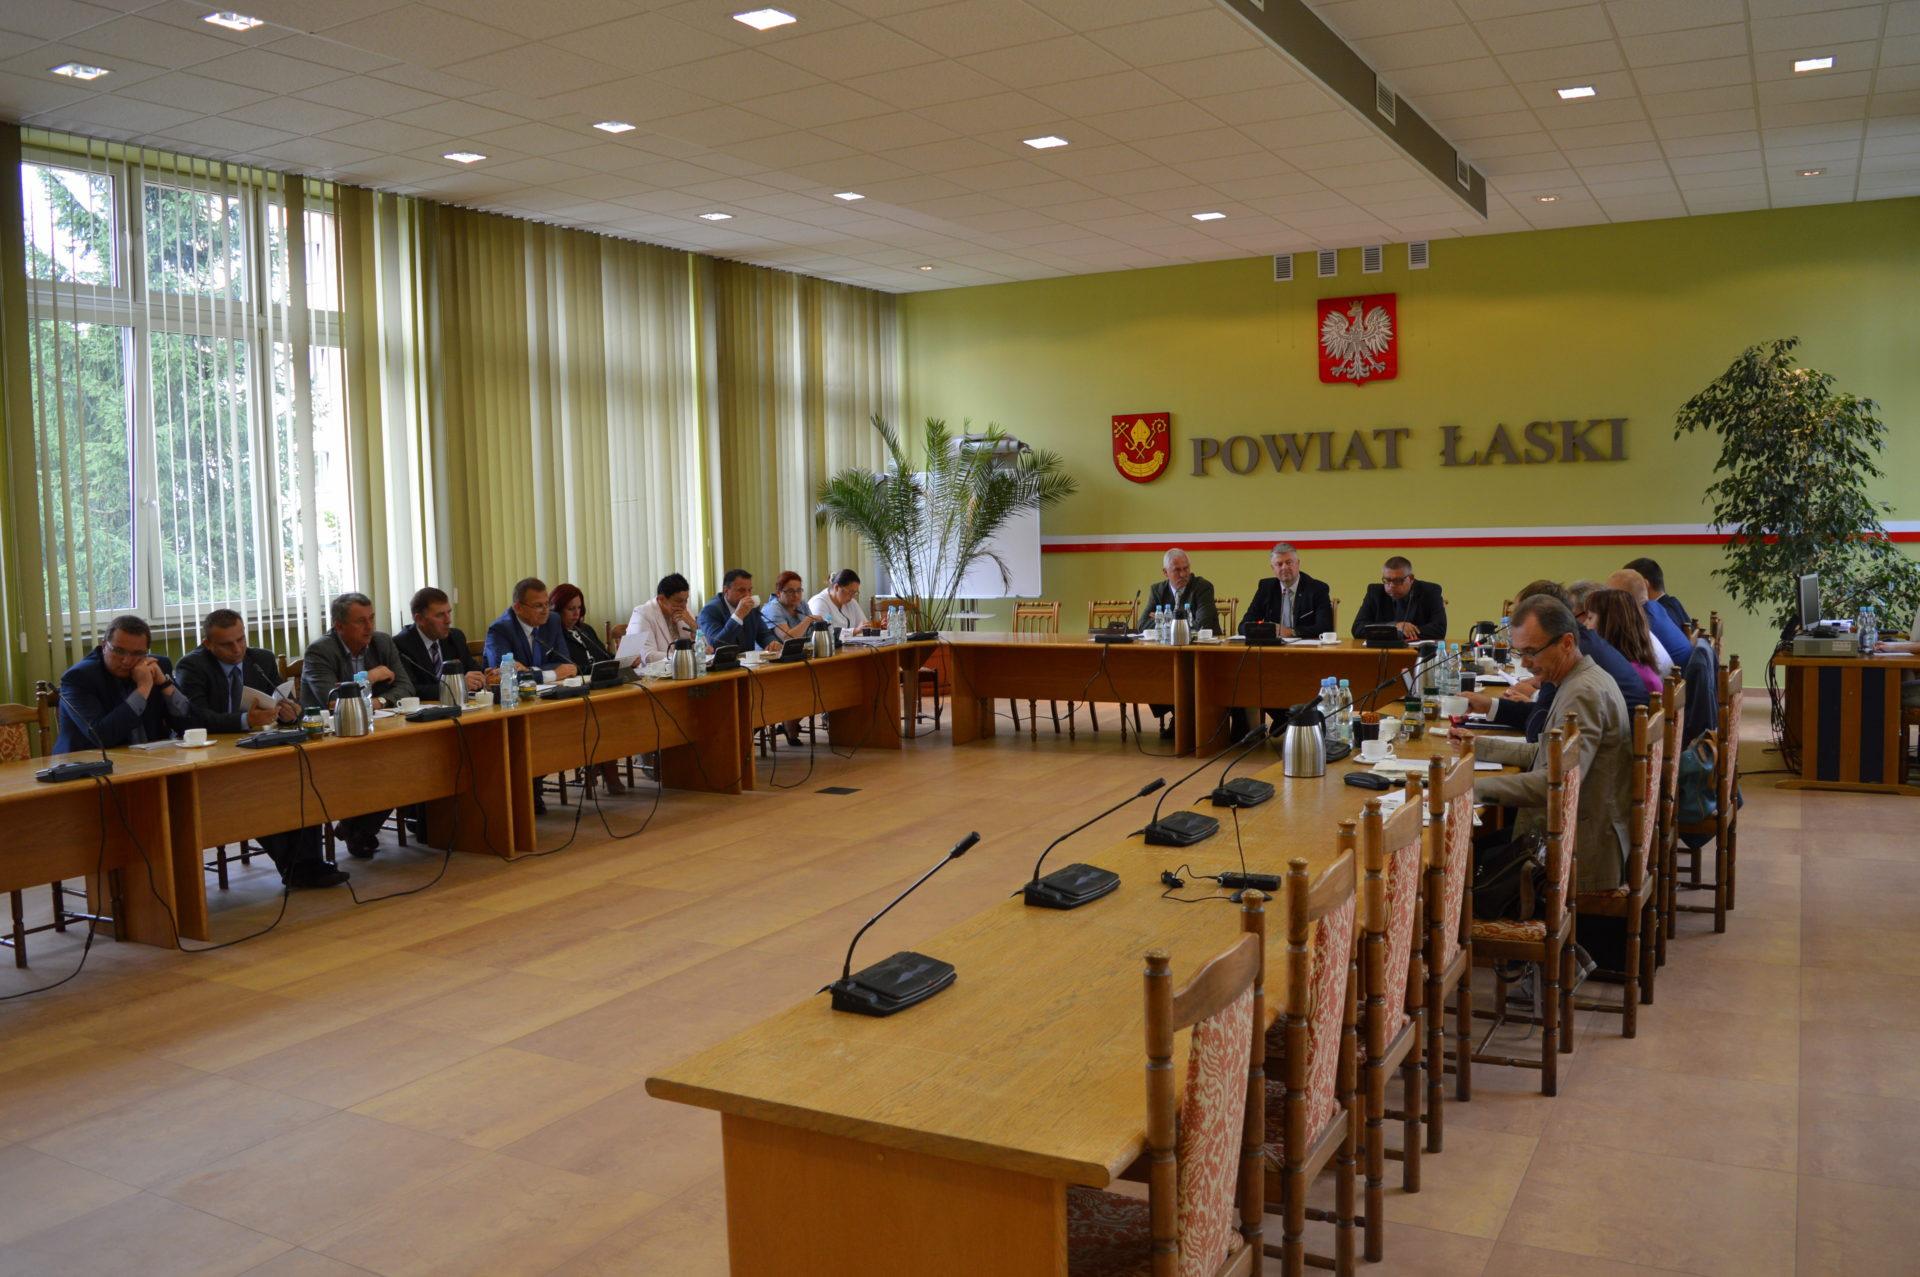 XIII sesja Rady Powiatu Łaskiego